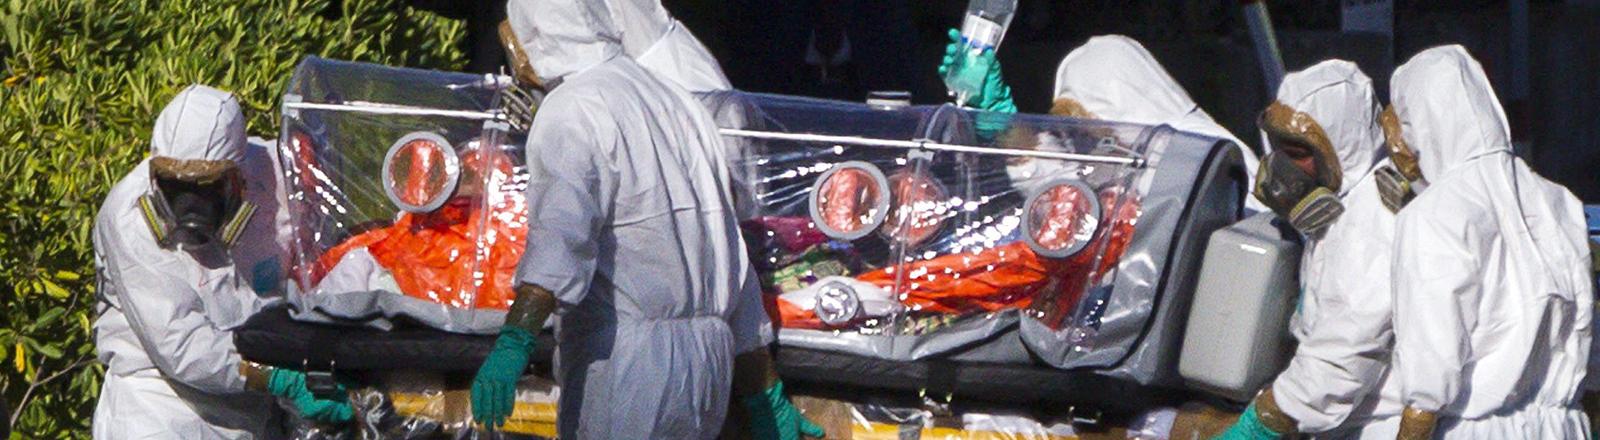 Ein Ebola-Infizierter wird in ein Krankenhaus in Madrid eingeliefert